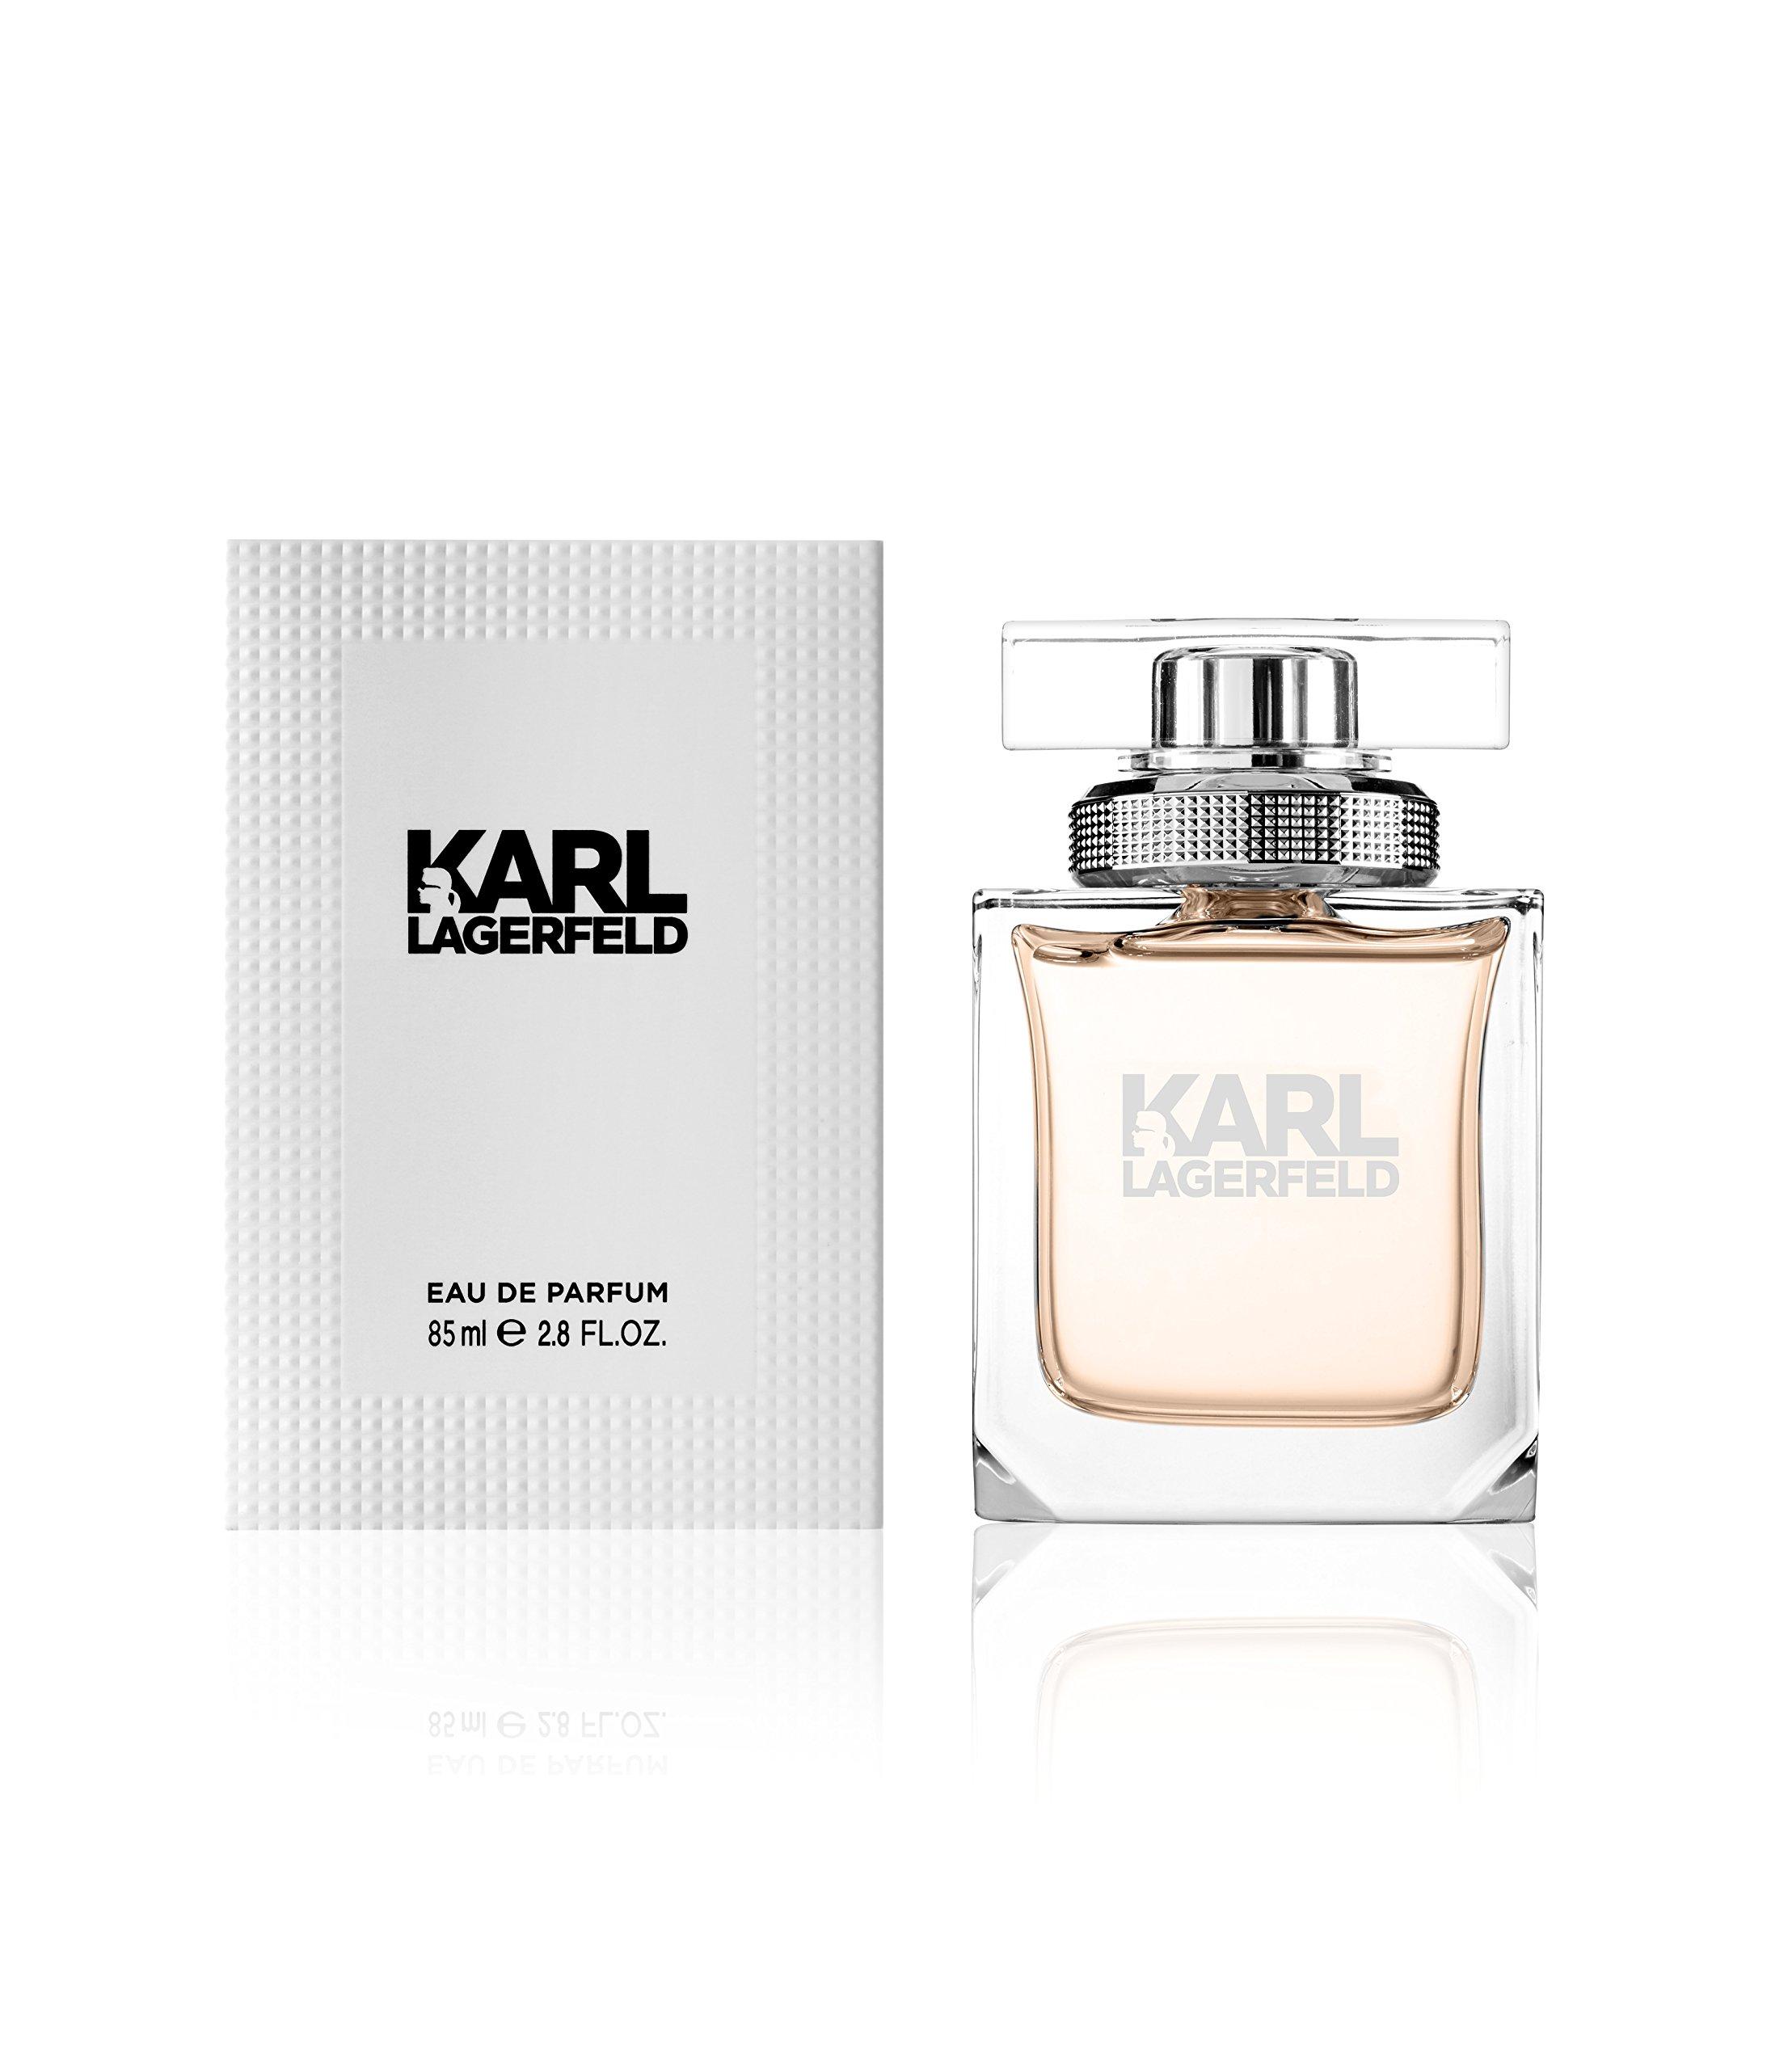 Karl Lagerfeld Eau De Parfum Spray, 2.8 Ounce by KARL LAGERFELD